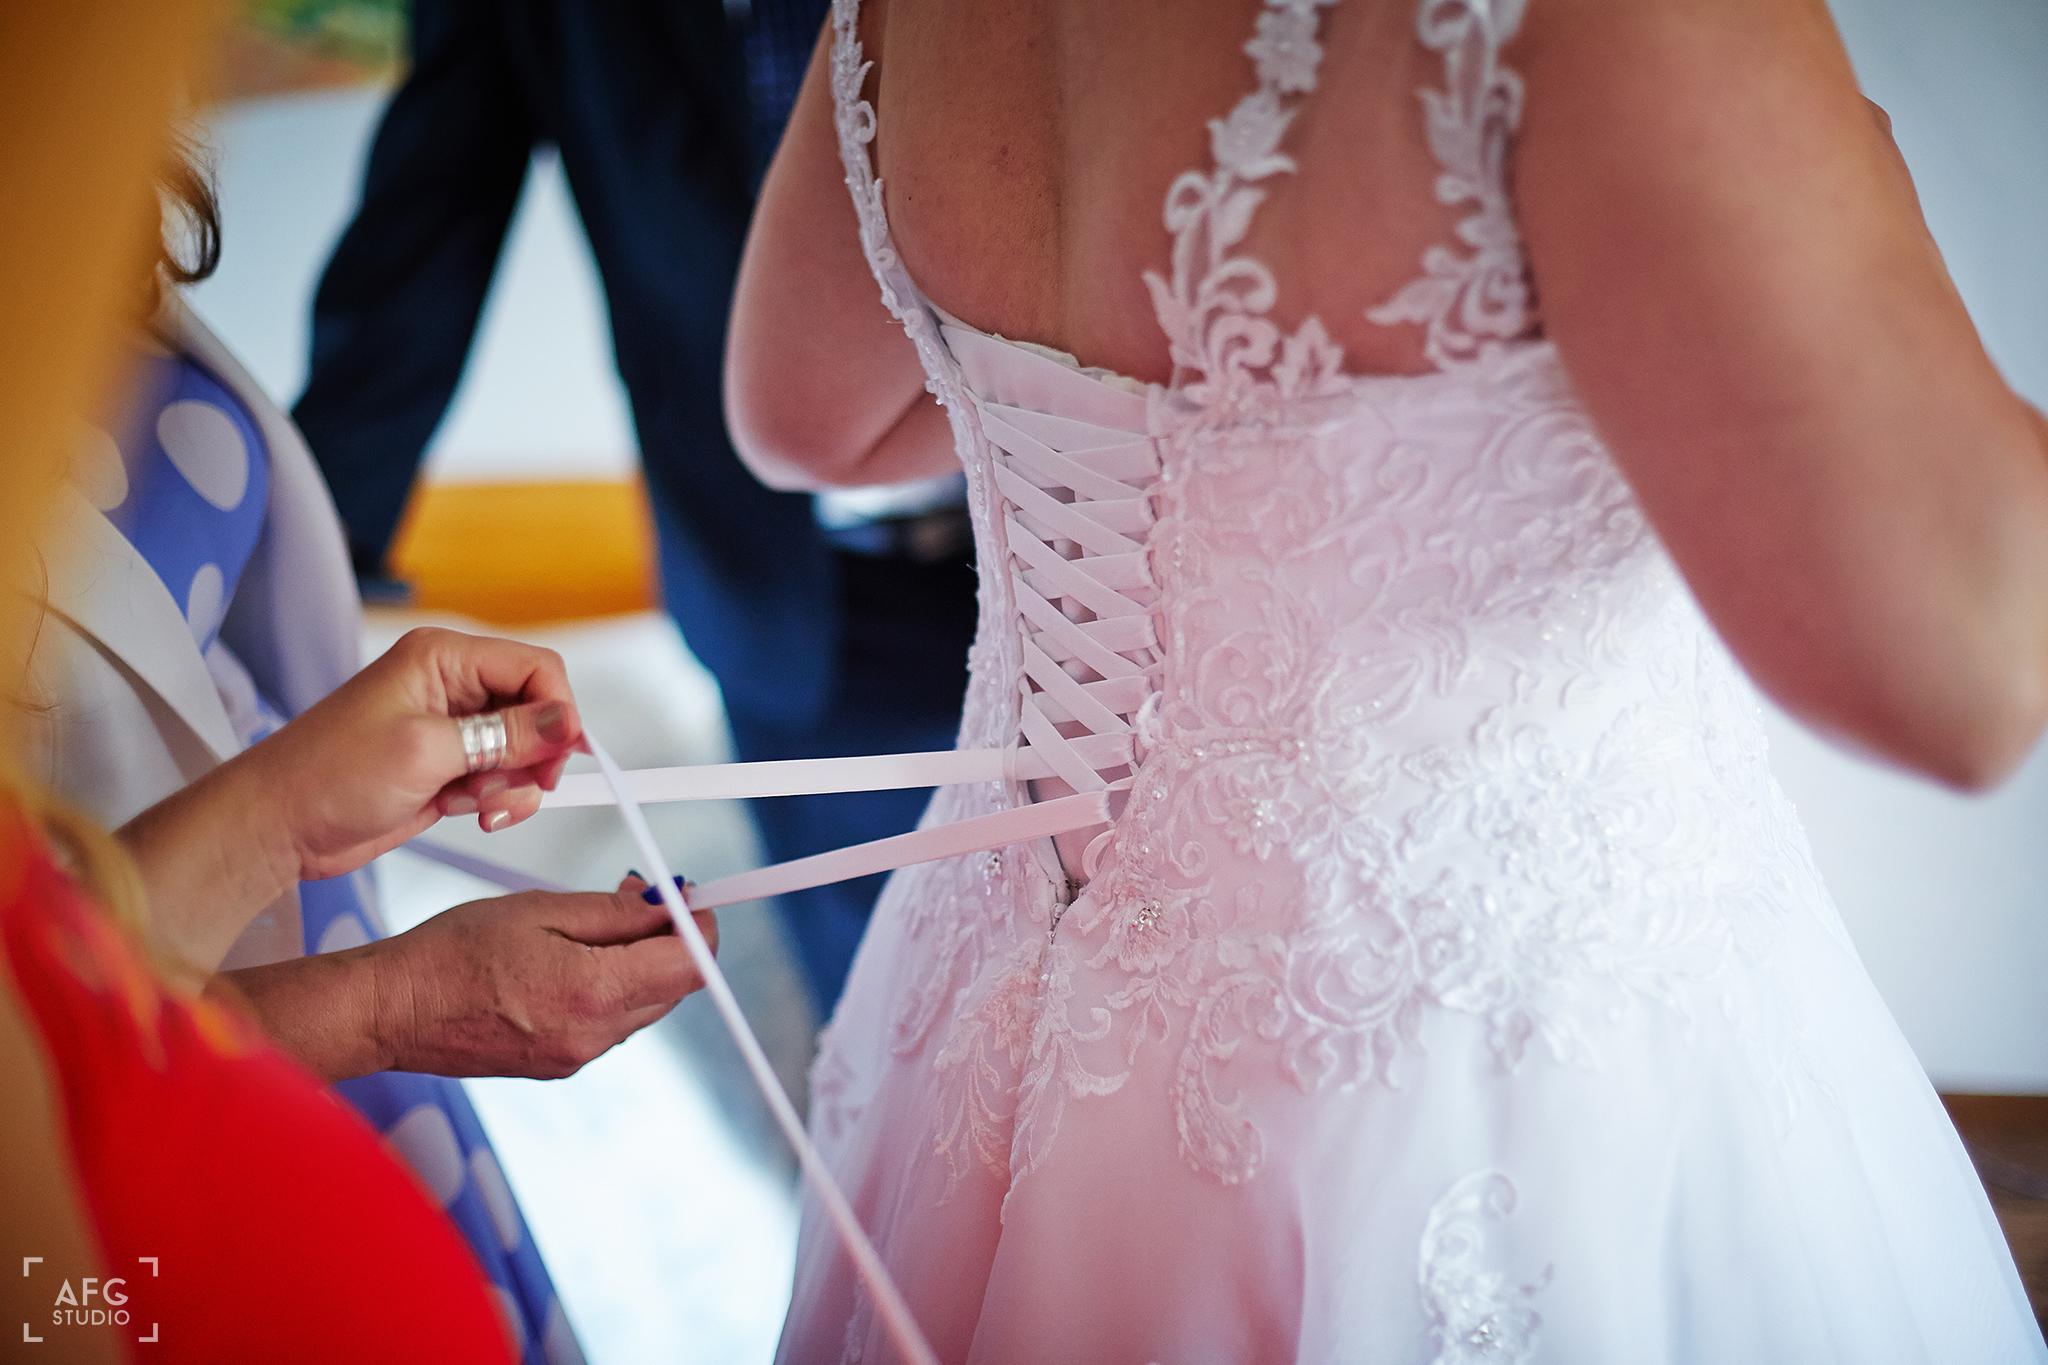 suknia ślubna, Pani młoda, sznurki